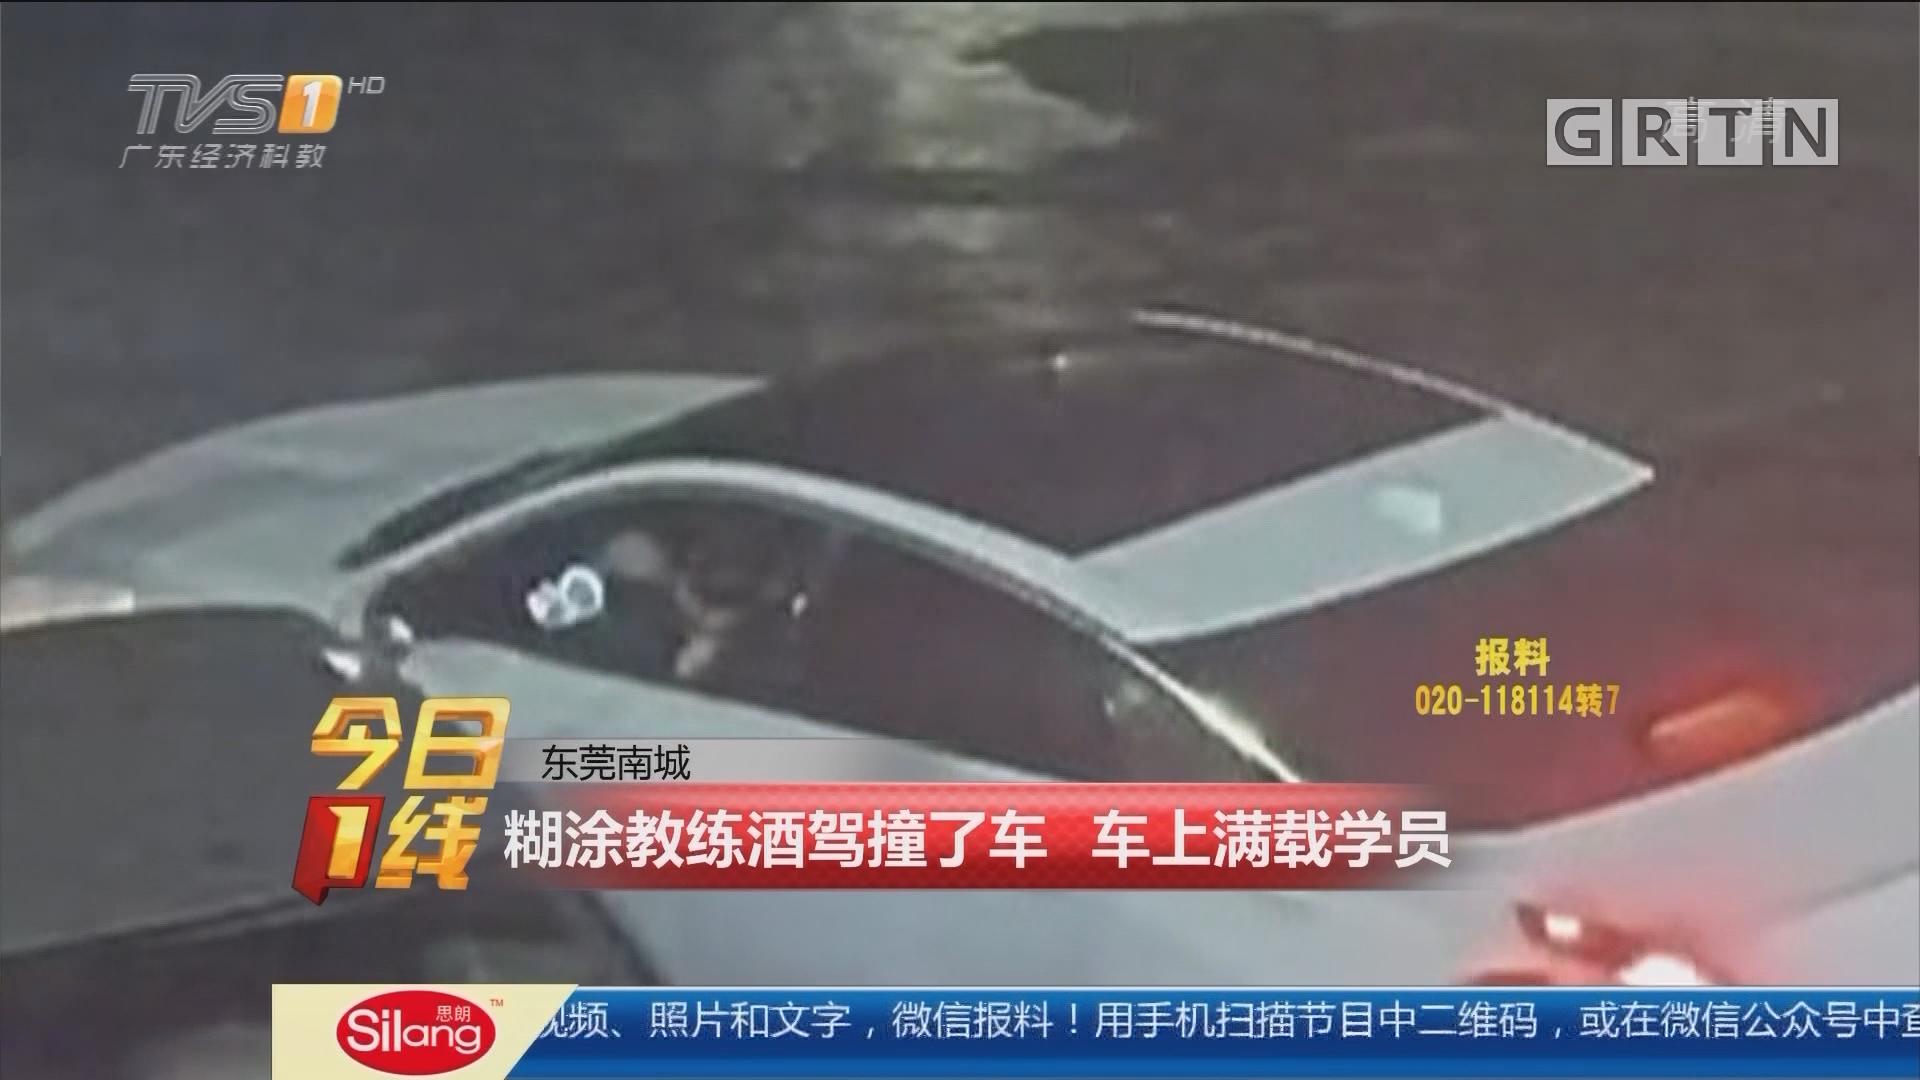 东莞南城:糊涂教练酒驾撞了车 车上满载学员